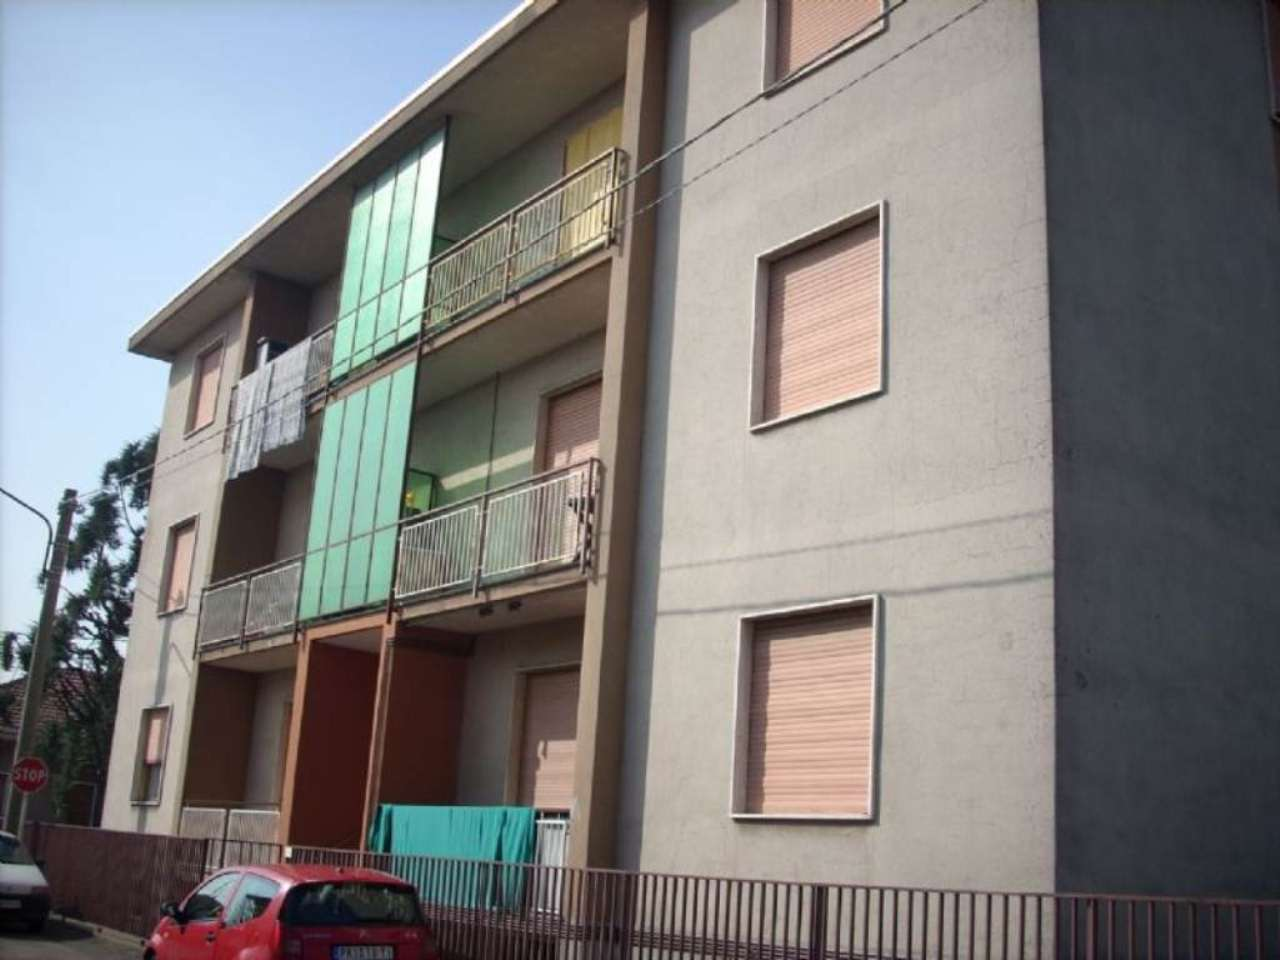 Appartamento in vendita a Buscate, 3 locali, prezzo € 90.000 | Cambio Casa.it